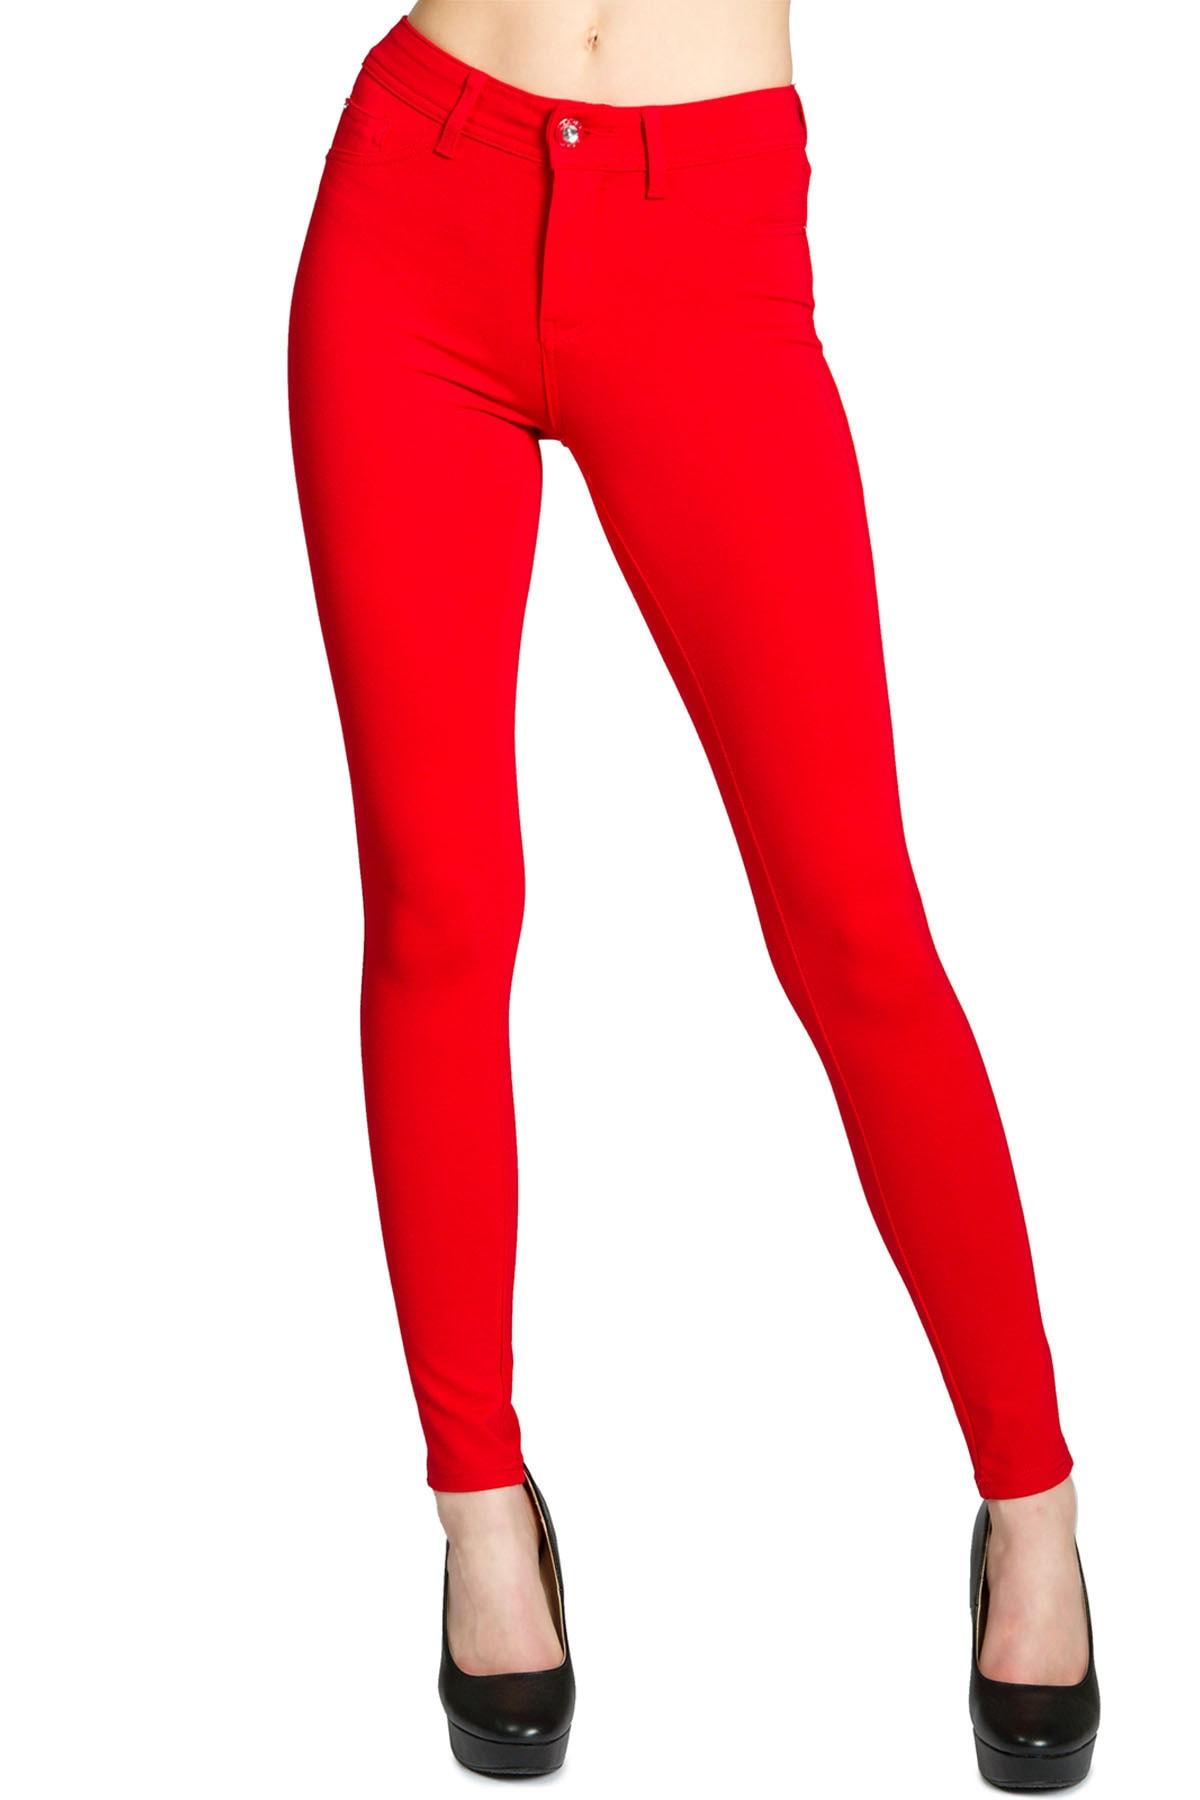 LM Kadın Kırmızı Streç Dar Model Kot Pantolon 2